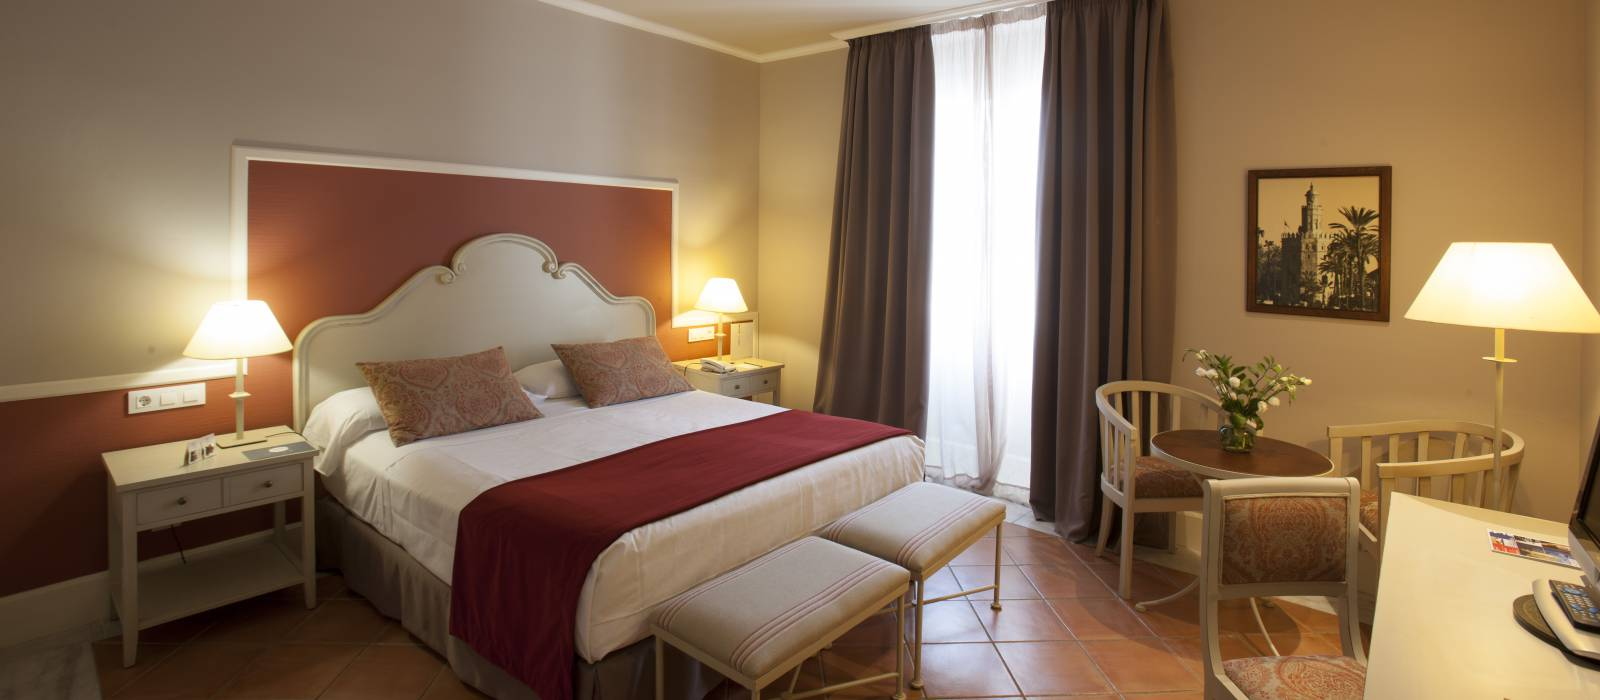 Offres Hôtel Vincci Sevilla La Rabida - Rèservez maintenant ! -10%